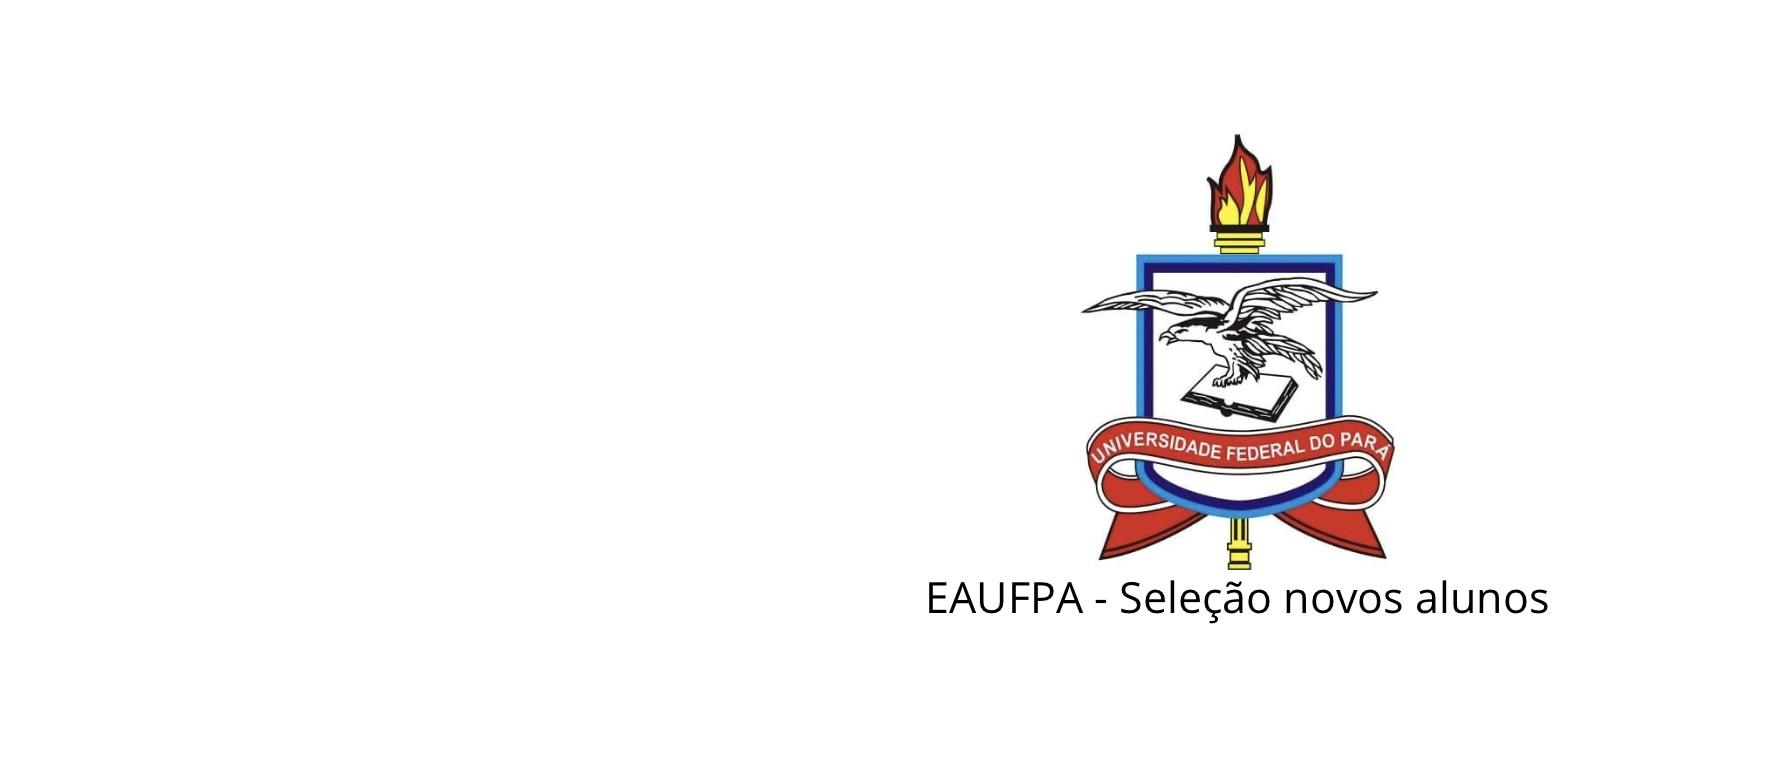 Escola de Aplicação da UFPA divulga sorteados